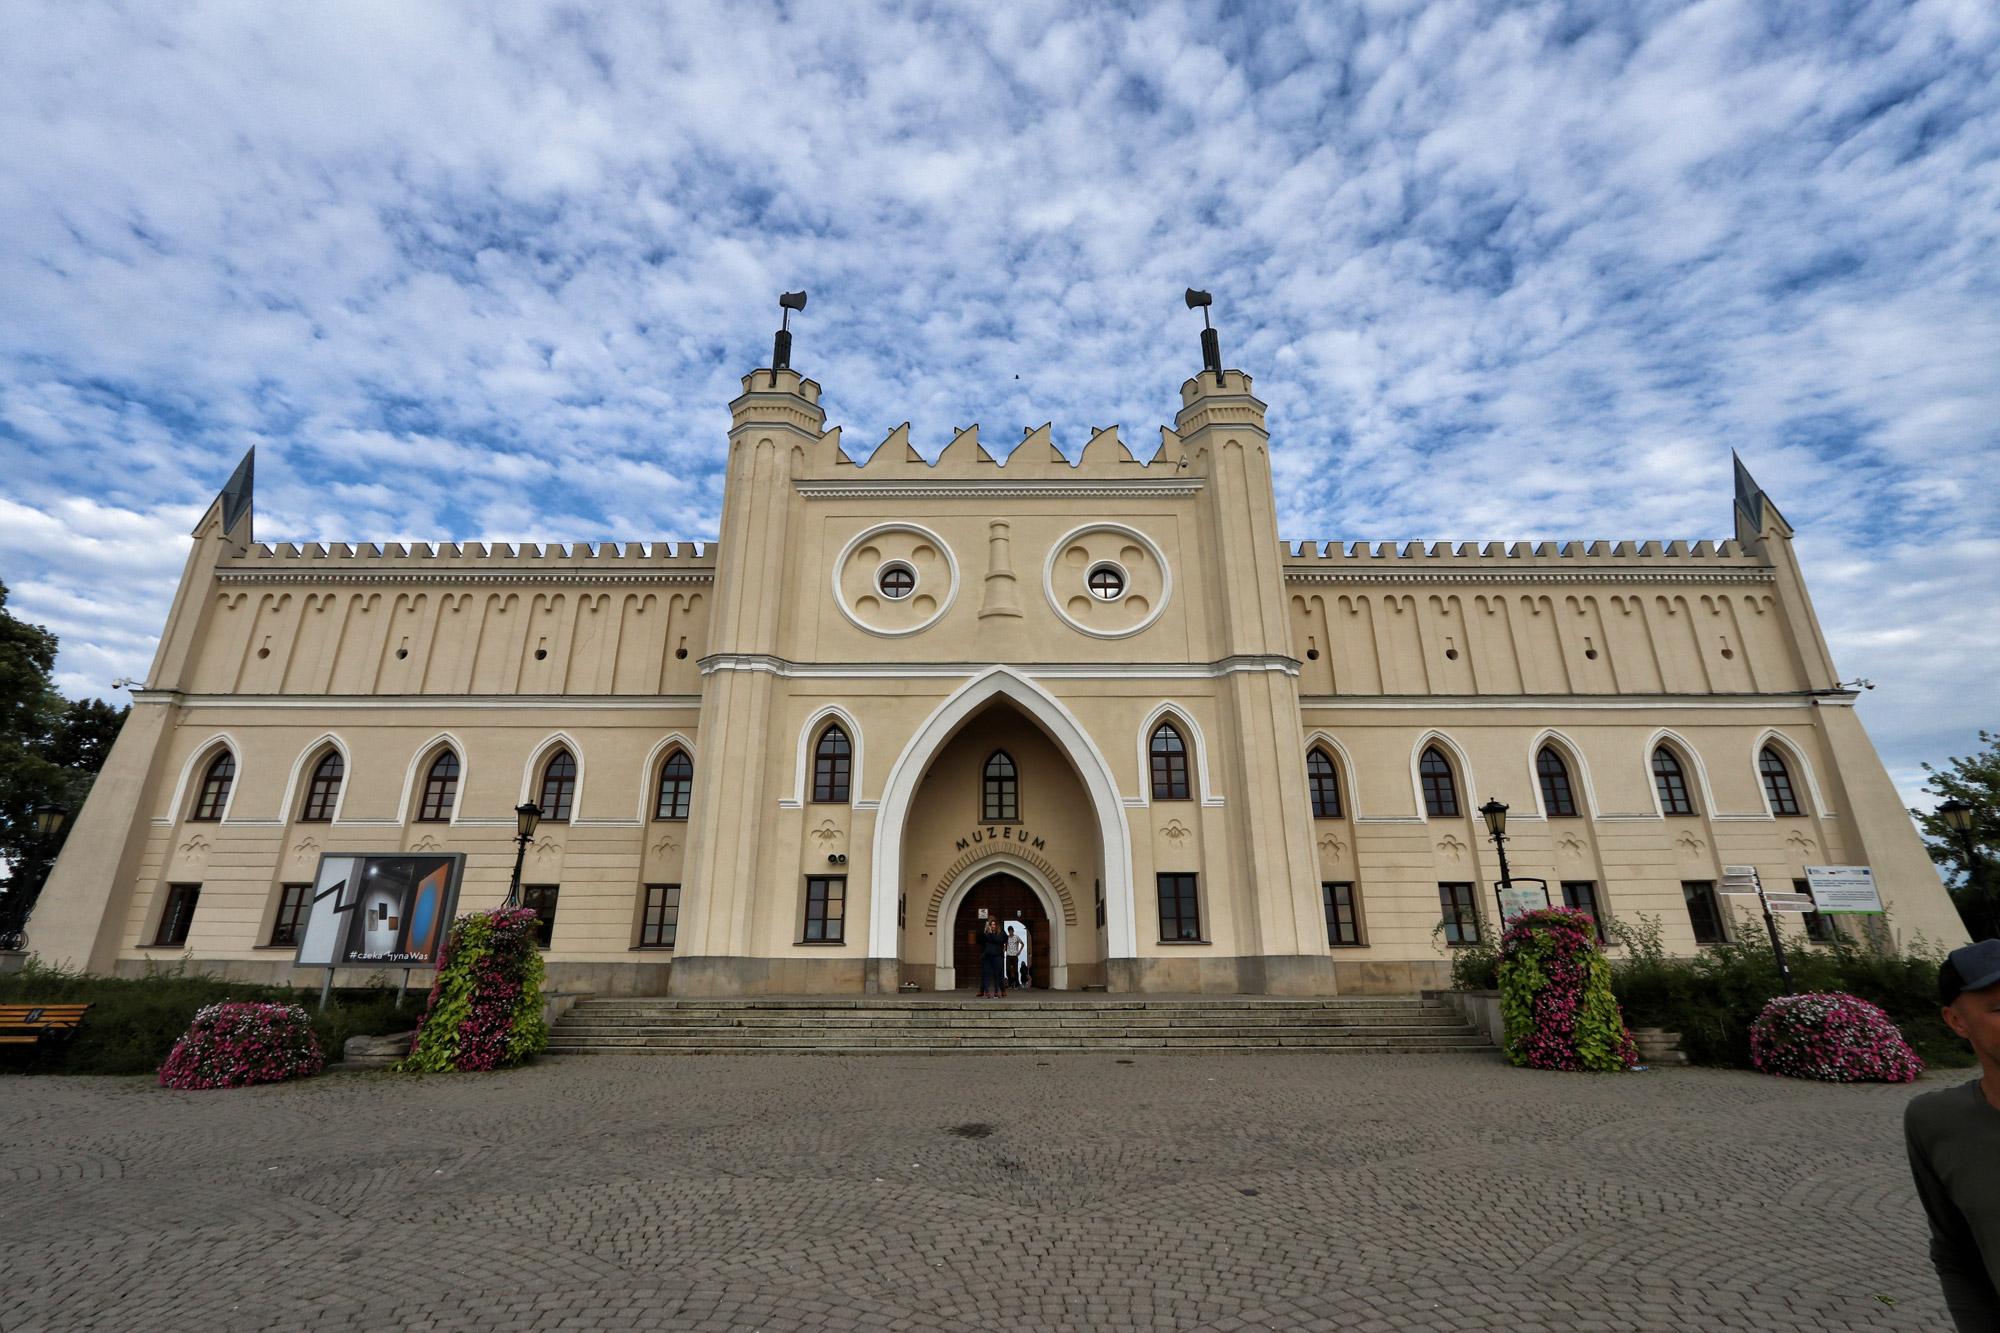 Lubelskie regio - Lublin Kasteel